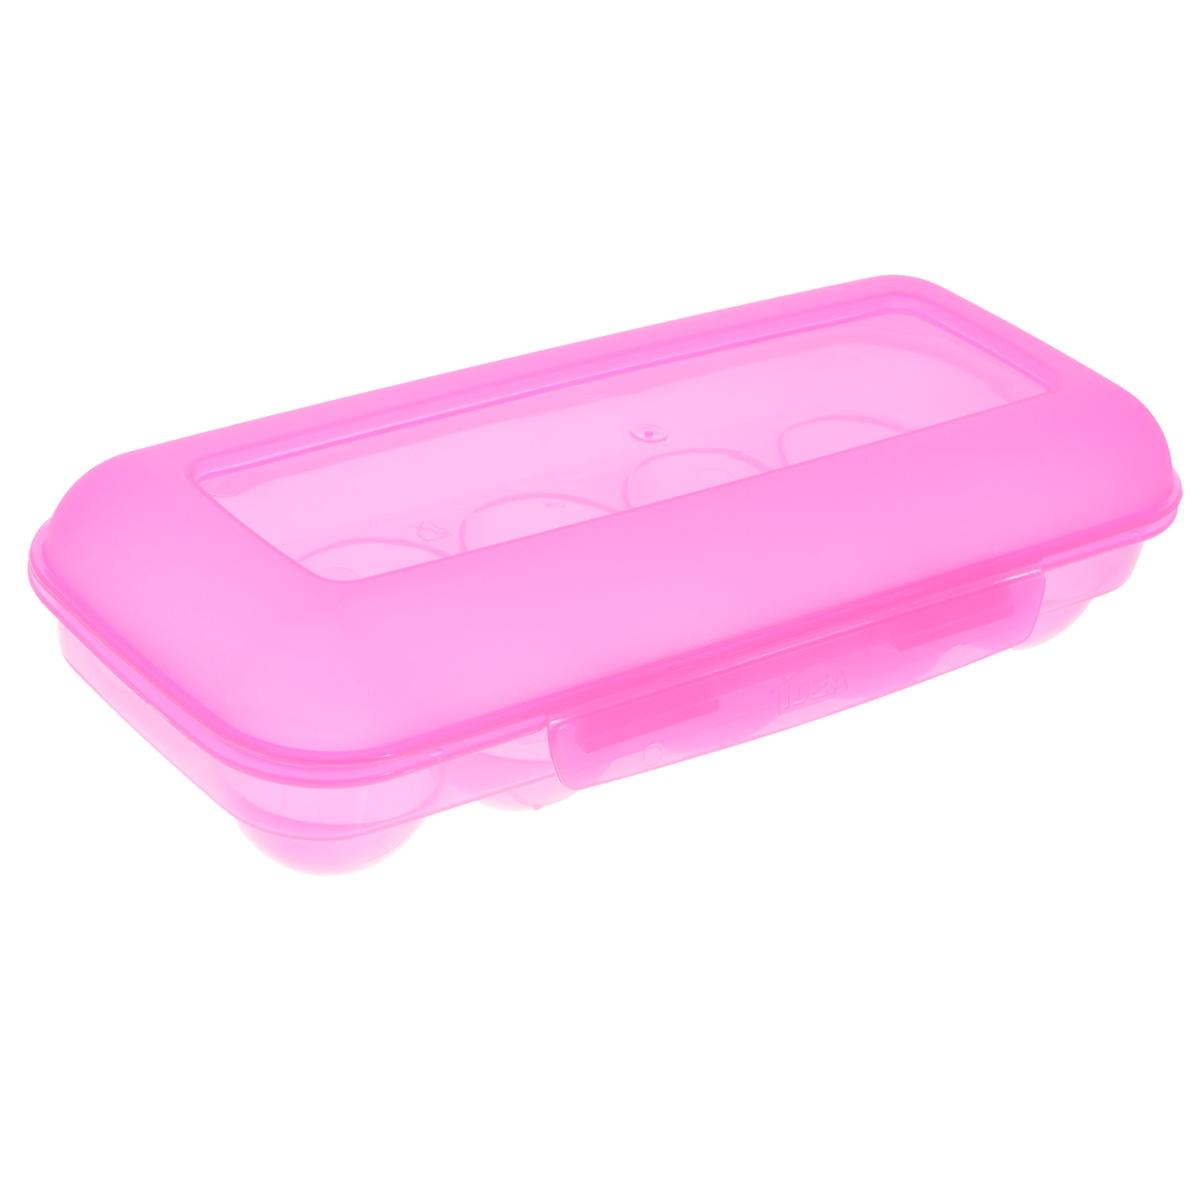 Контейнер для яиц Idea, на 10 шт, цвет: розовый, 26,5 см х 11,5 см х 6,5 смVT-1520(SR)Контейнер для яиц Idea выполнен из пластика и снабжен специальными ячейками для 10 яиц. Надежный защелкивающийся замок предотвратит случайное раскрытие контейнера. Он не занимает много места, что очень удобно при транспортировке и хранении. Размер контейнера: 26,5 см х 11,5 см х 6,5 см. Диаметр ячейки: 4,3 см.